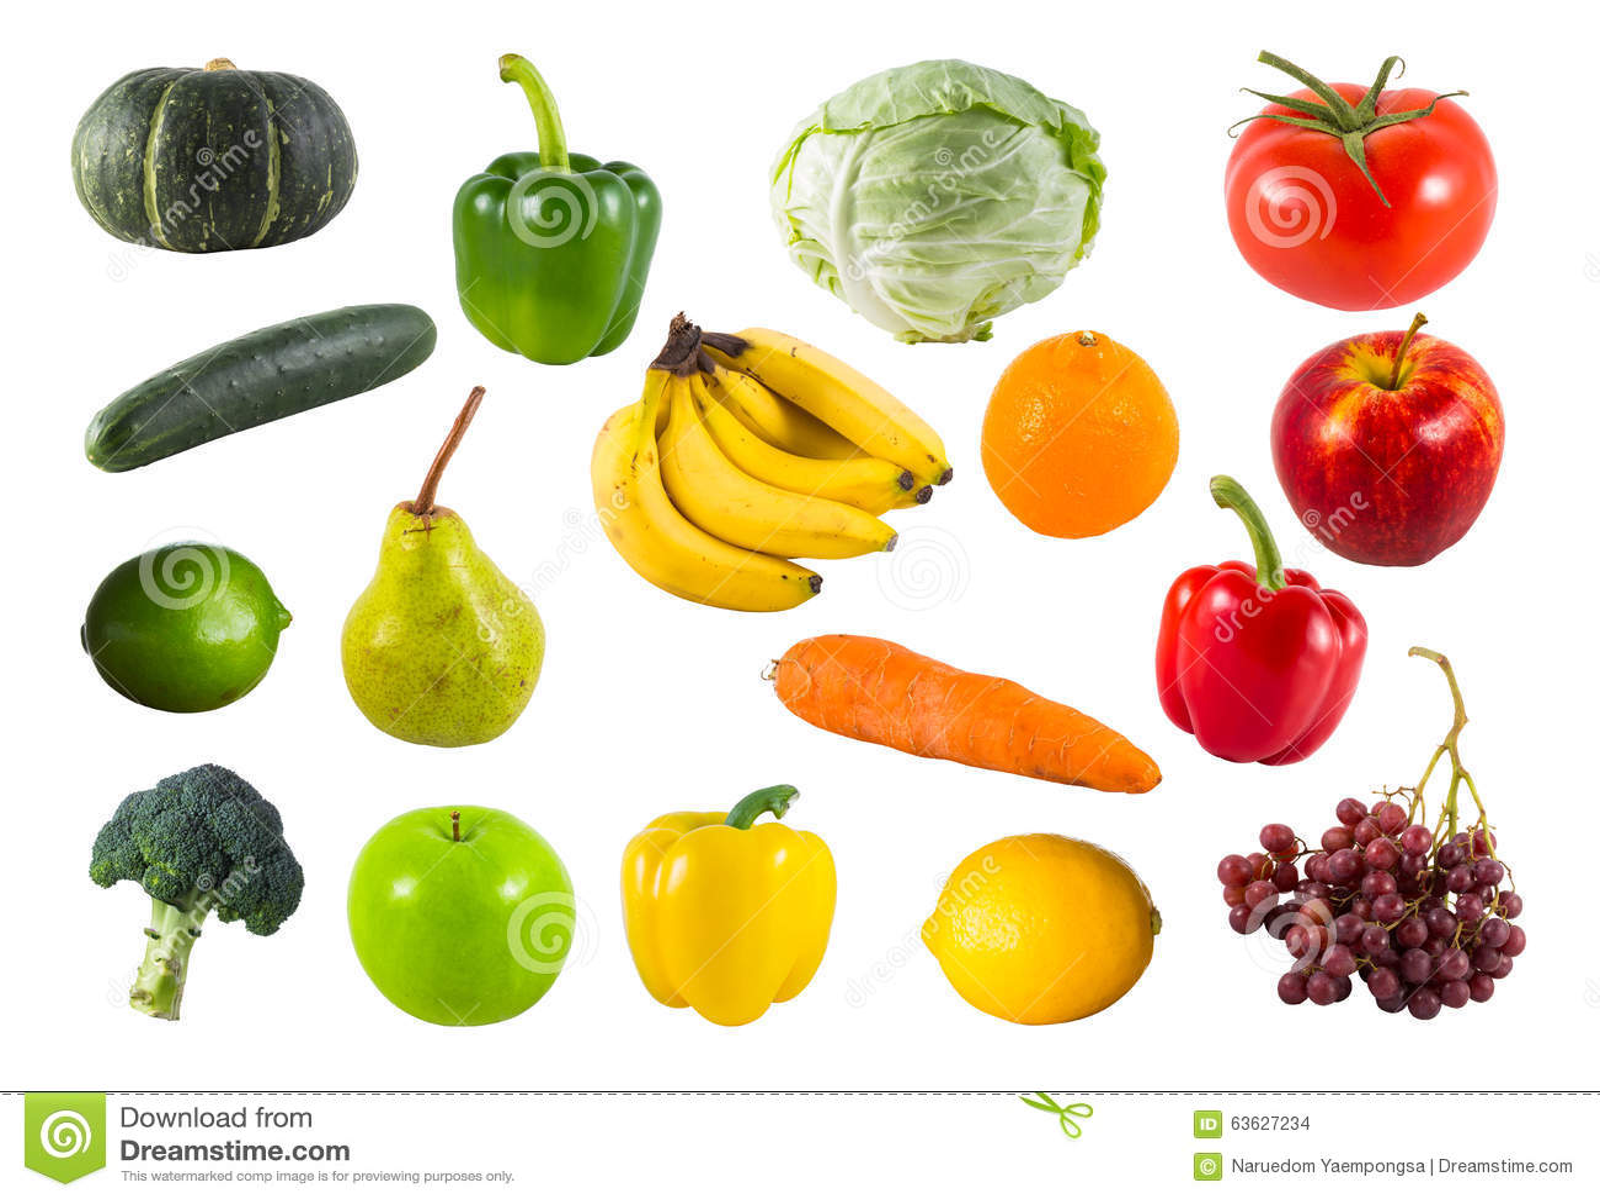 收集果菜类